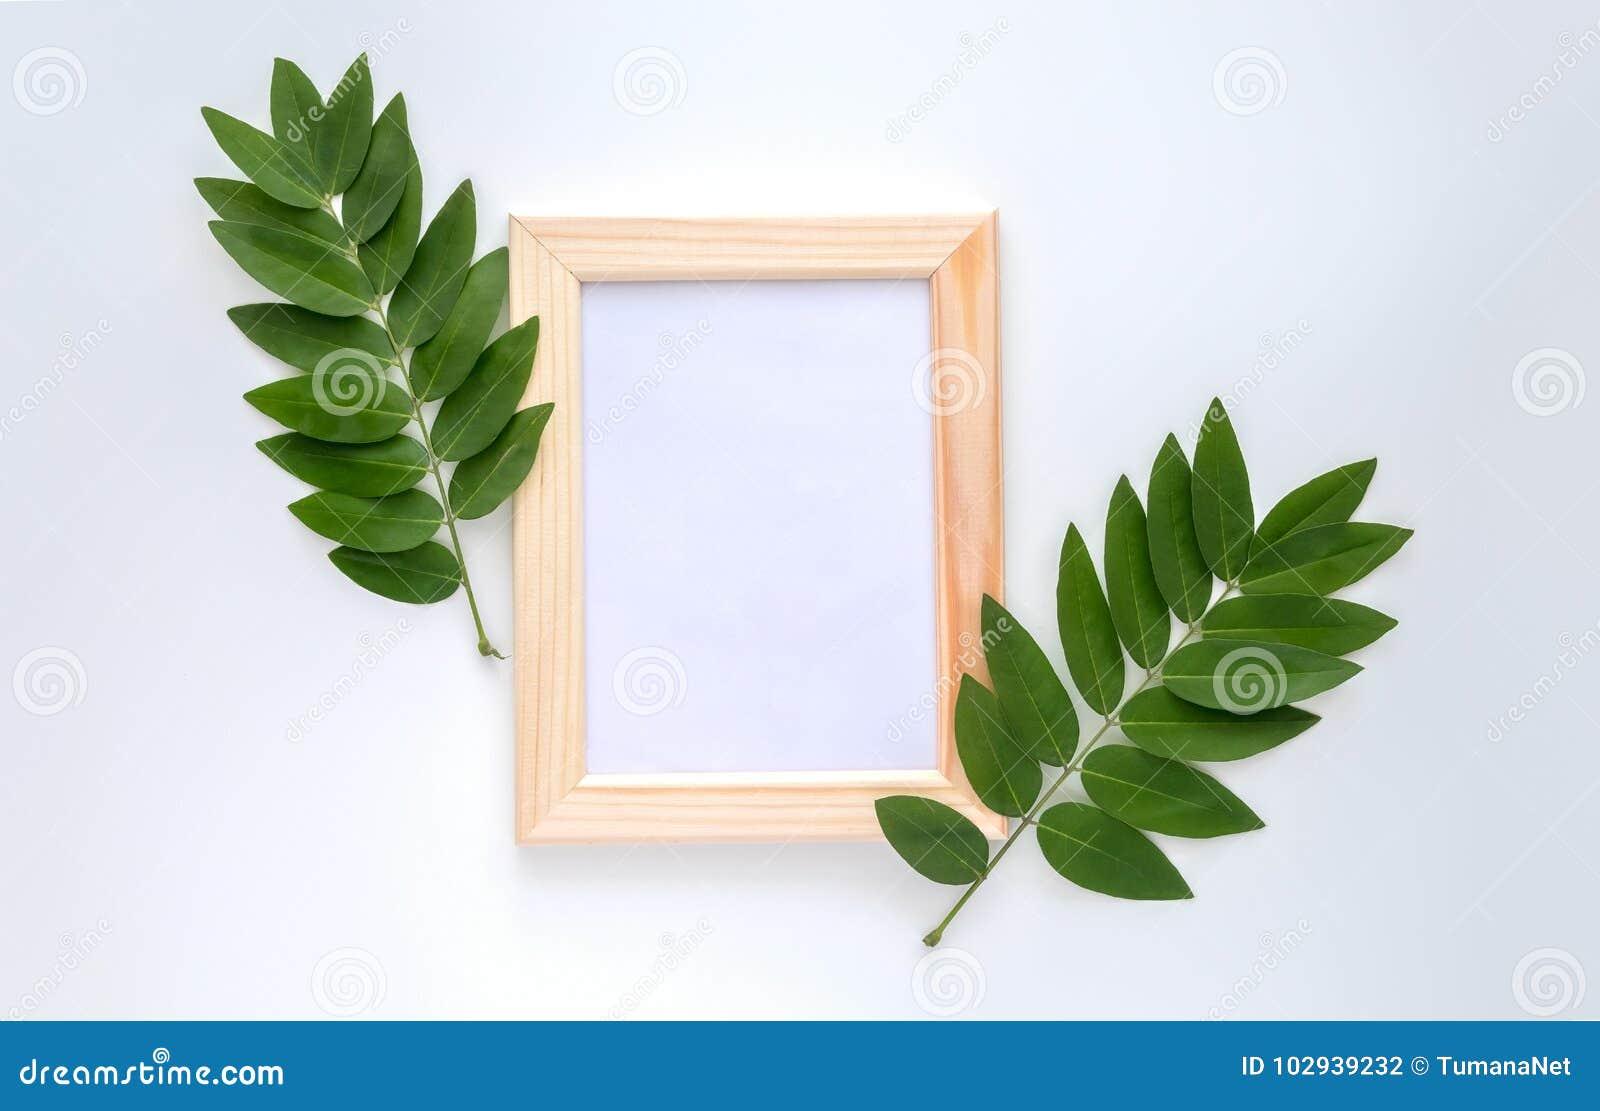 Leeres hölzernes Fotorahmenmodell mit Grün verlässt herum, auf weißem Hintergrund